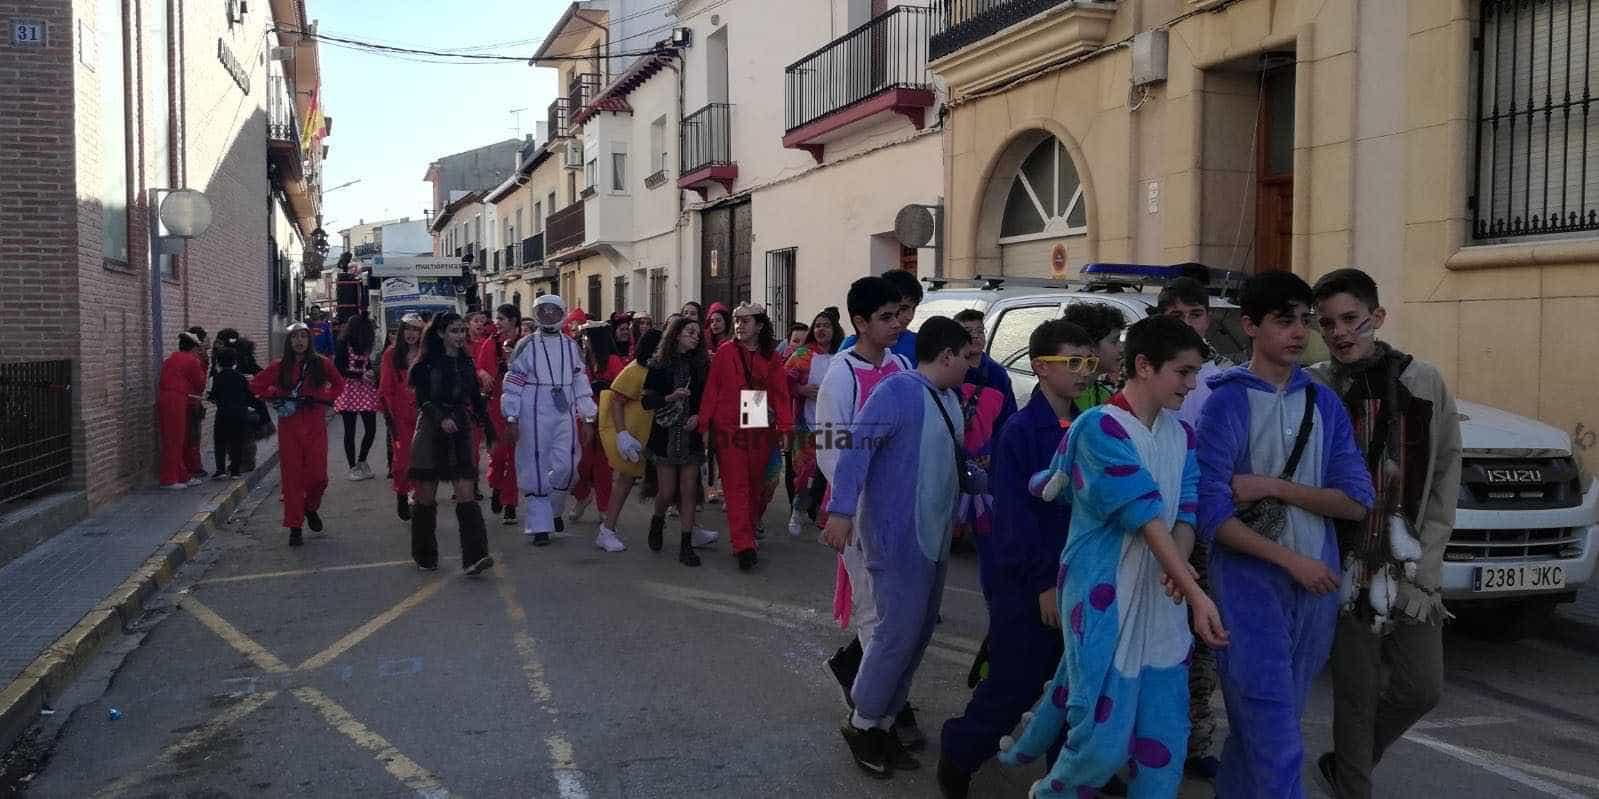 Carnaval herencia 2020 pasacalles domingo deseosas 21 - El Domingo de las Deseosas invita a todo el mundo al Carnaval de Herencia